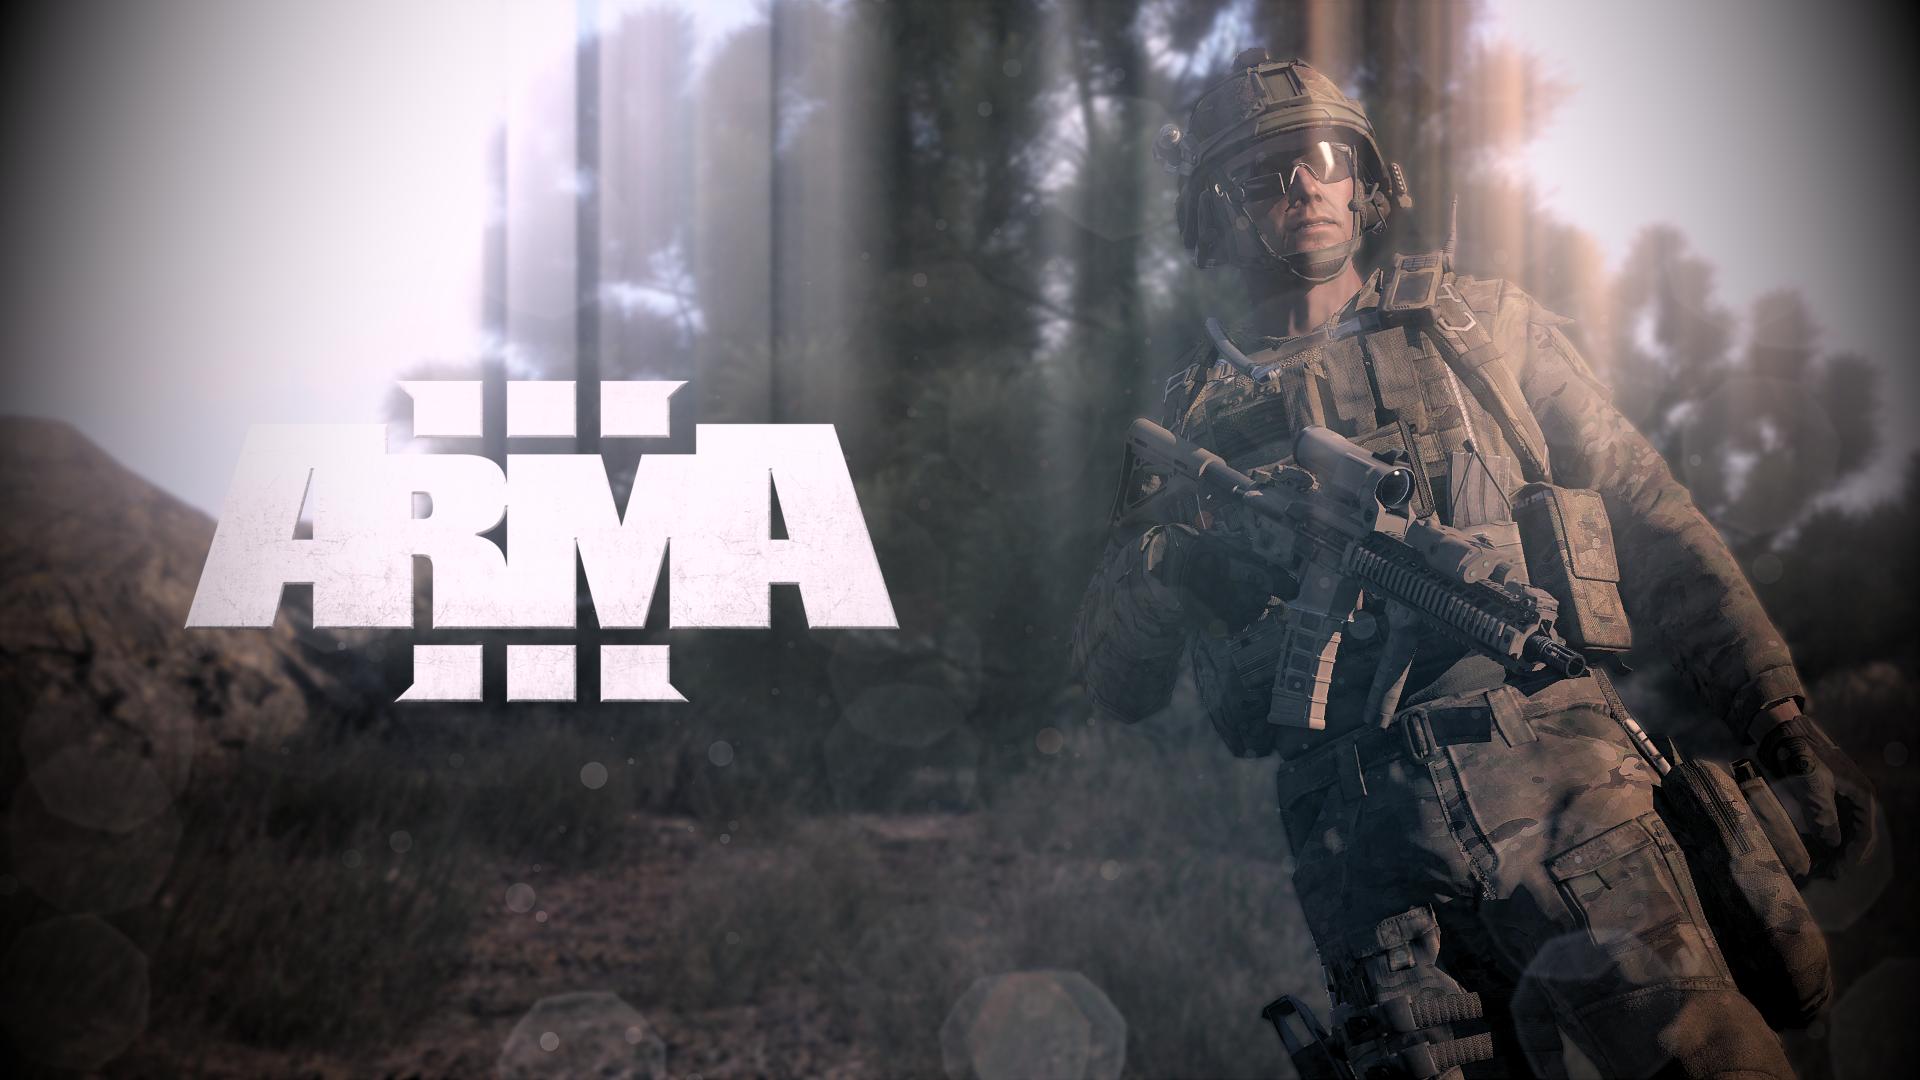 arma 3 wallpaper by detcord12b on deviantart